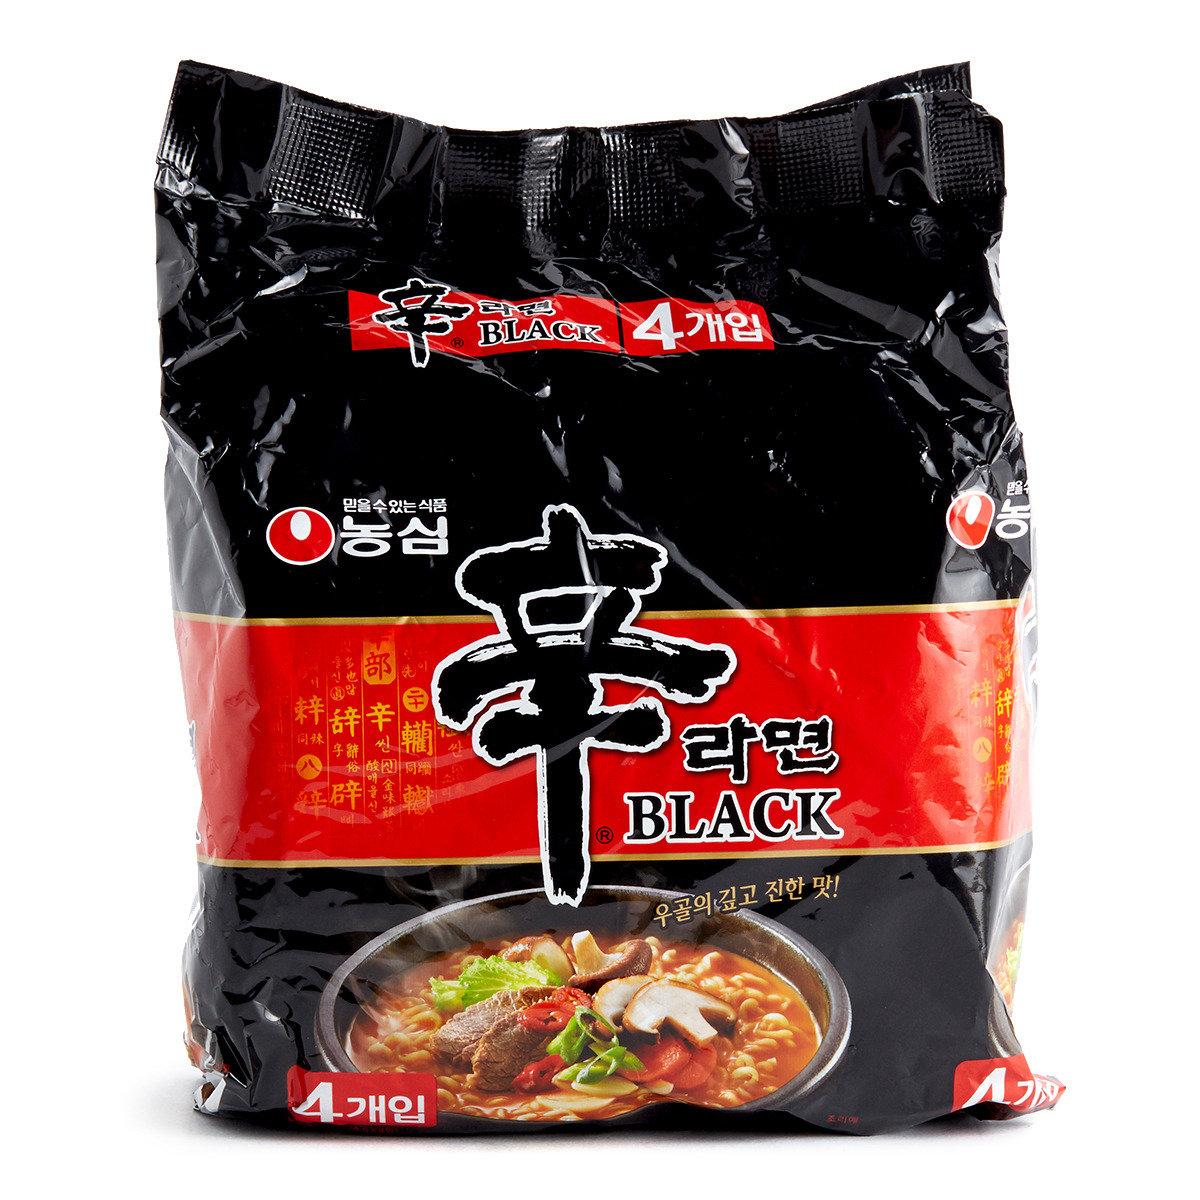 韓國黑版辛辣麵